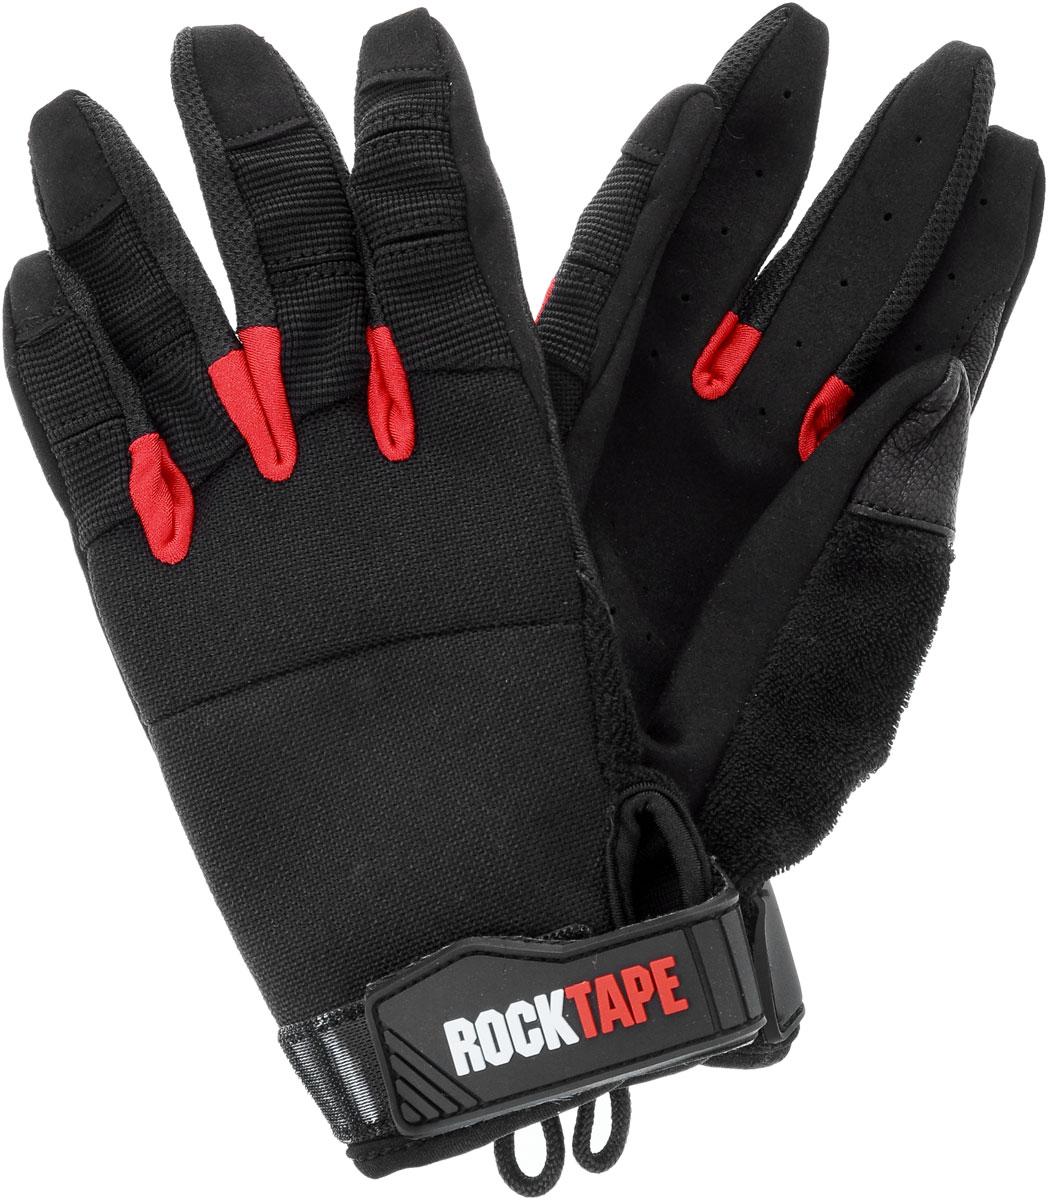 Перчатки Rocktape Talons, цвет: черный, красный. Размер XLRTTls-XLRocktape Talons - это функциональные перчатки для спорта. Руль велосипеда, турник, штанга - за что бы вы ни взялись, перчатки обеспечатмаксимальную защиту и поддержку! Уверенный хват и больше никаких стертых рук, волдырей и мозолей! Особенности перчаток: Дружелюбны к сенсорным экранам. Без швов на ладонях. Силиконовая накладка false-grip поможет в выходах силой. Защита большого пальца при захвате штанги. Впитывают пот. Дышащий материал по боковым поверхностям пальцев. Удобные петли. Рассчитаны на работу с мелом. Обхват ладони ниже костяшки: 25 см.